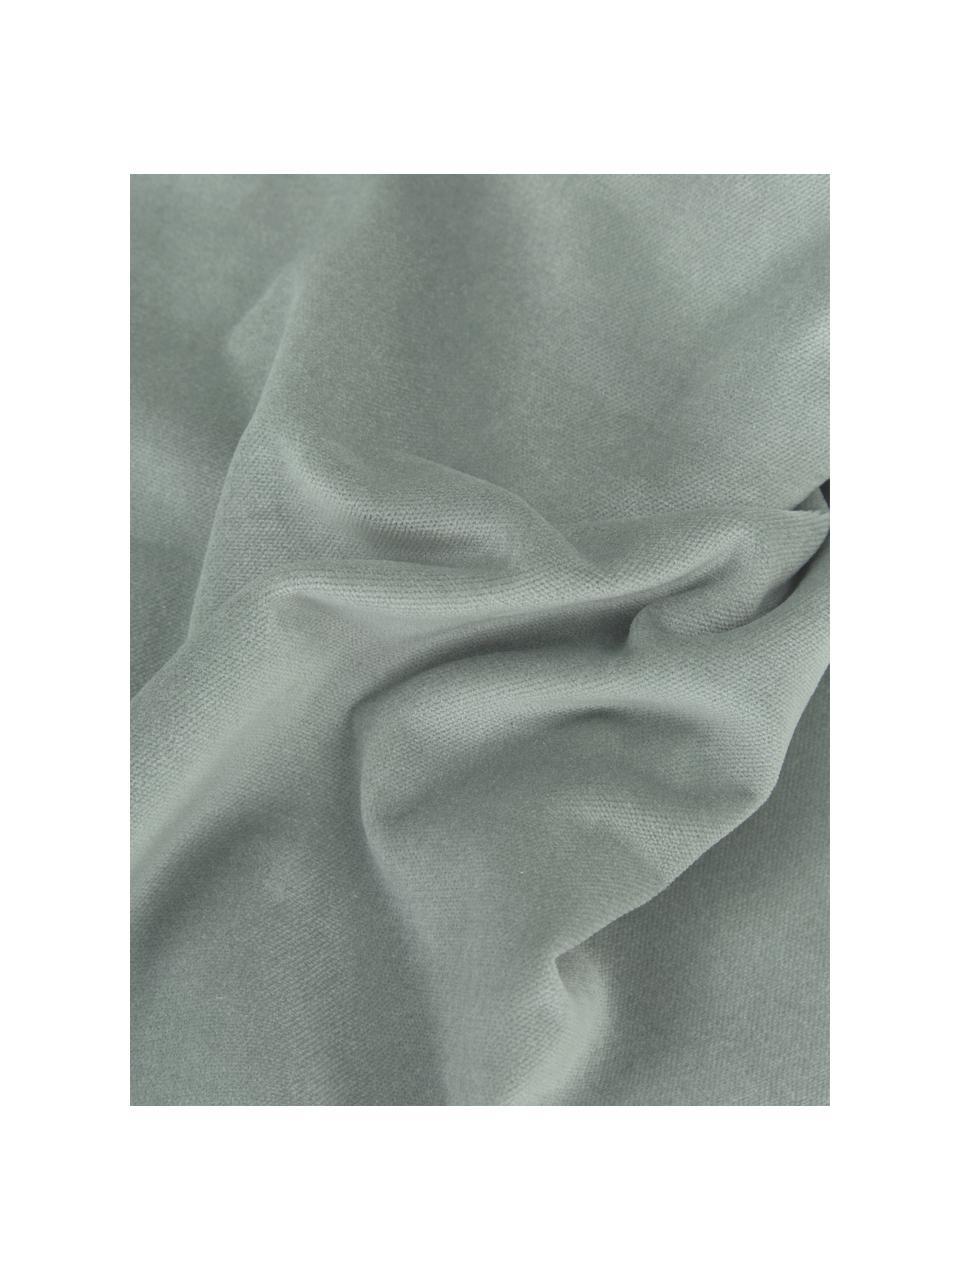 Effen fluwelen kussenhoes Dana in saliegroen, 100% katoenfluweel, Saliegroen, 30 x 50 cm